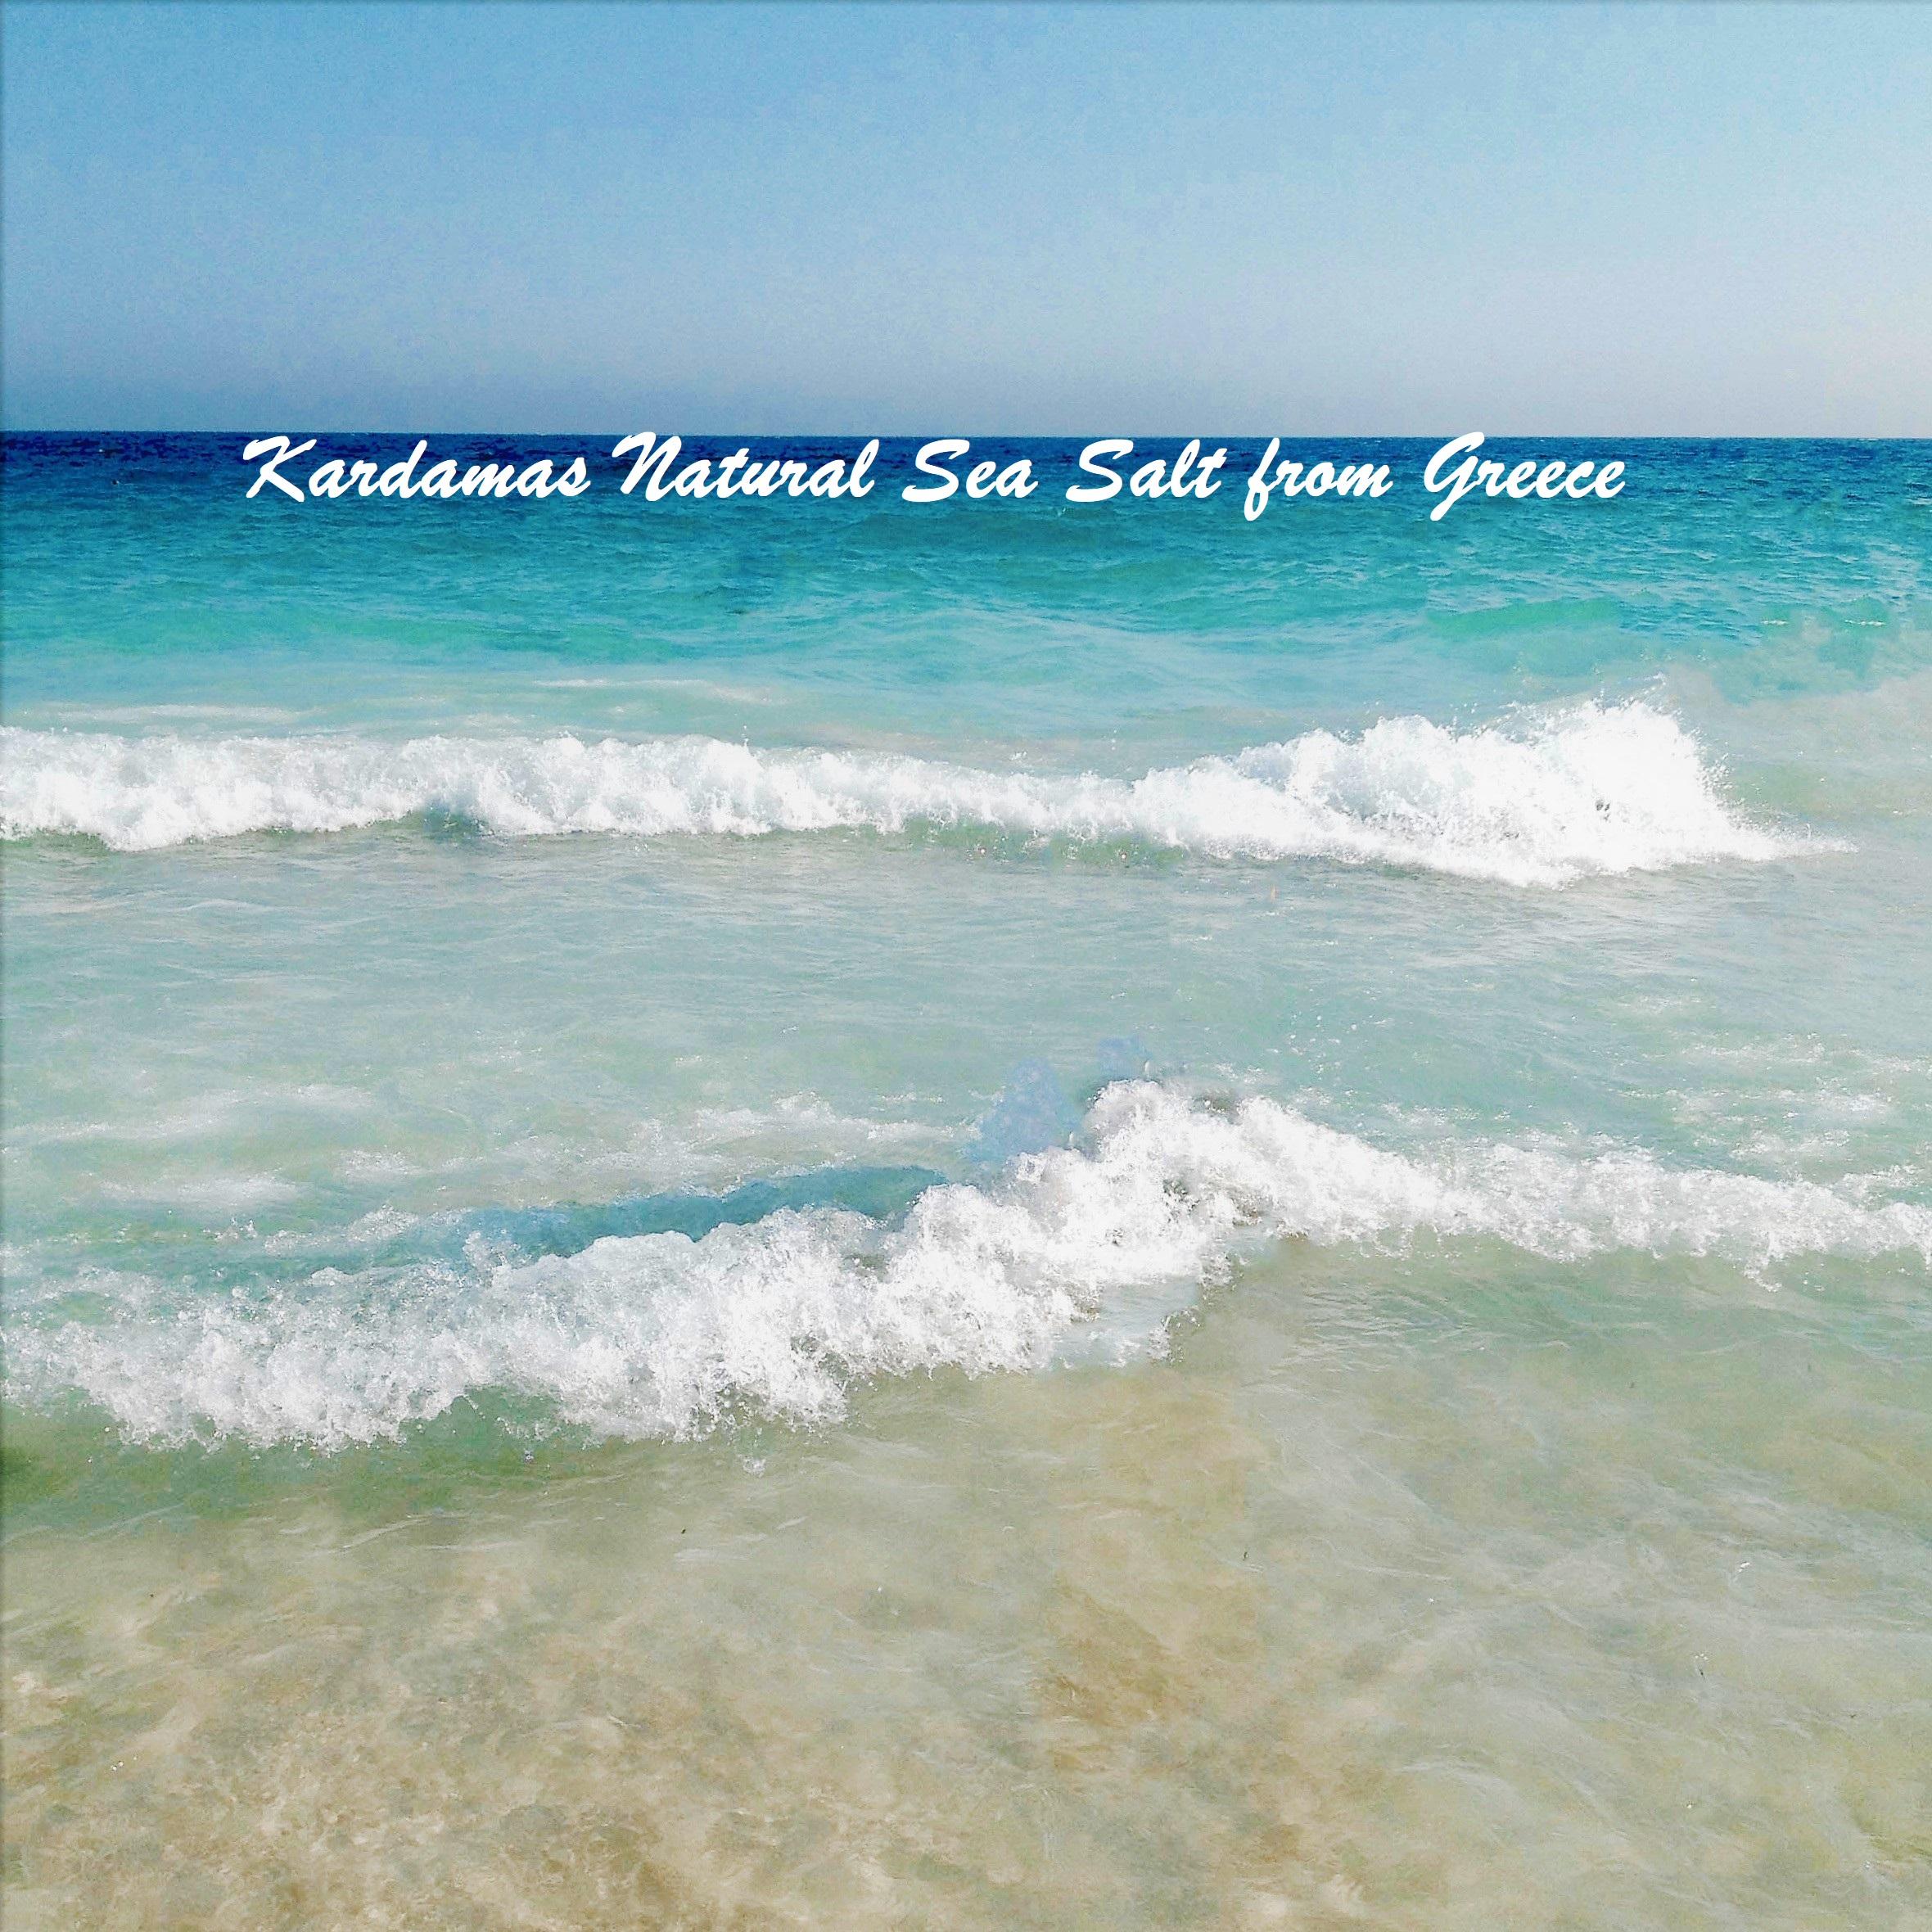 kardamas-natural-sea-salt-from-greece